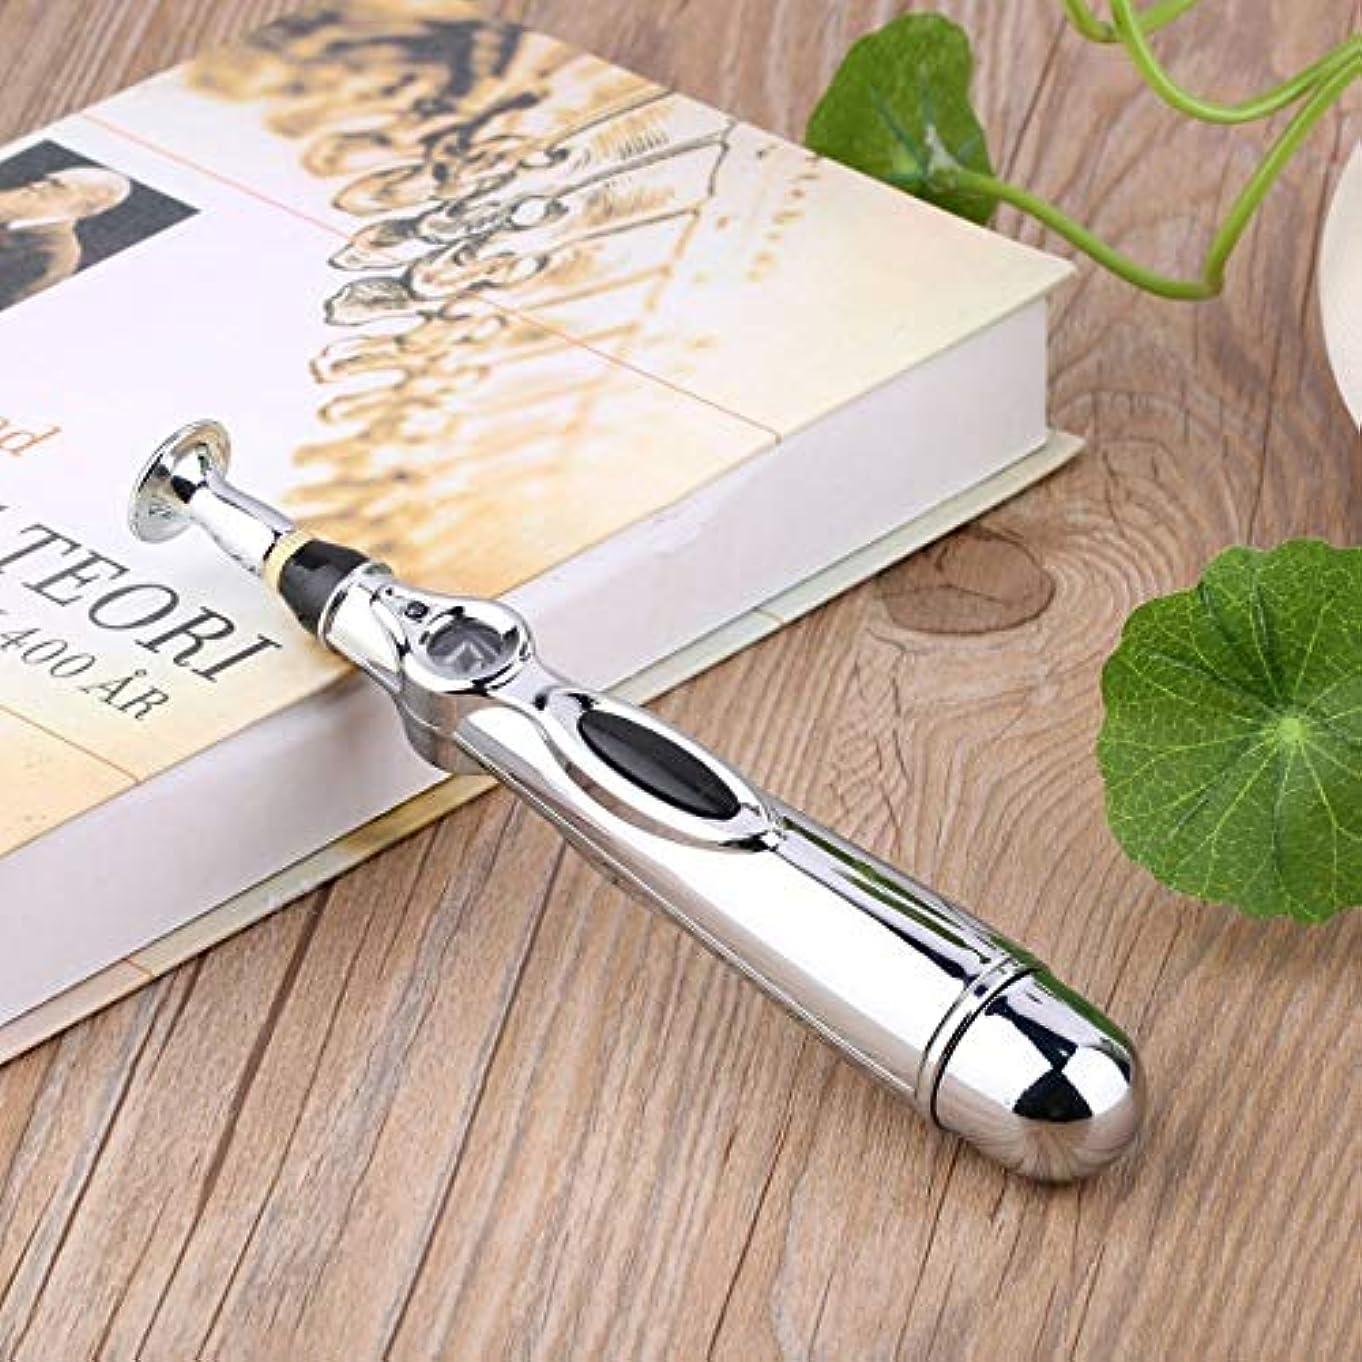 遠近法教える自慢Nimoliya 電気鍼マッサージペンの健康子午線の痛みを軽減する治療電子子午線エネルギーペンのマッサージボディヘッドネック脚